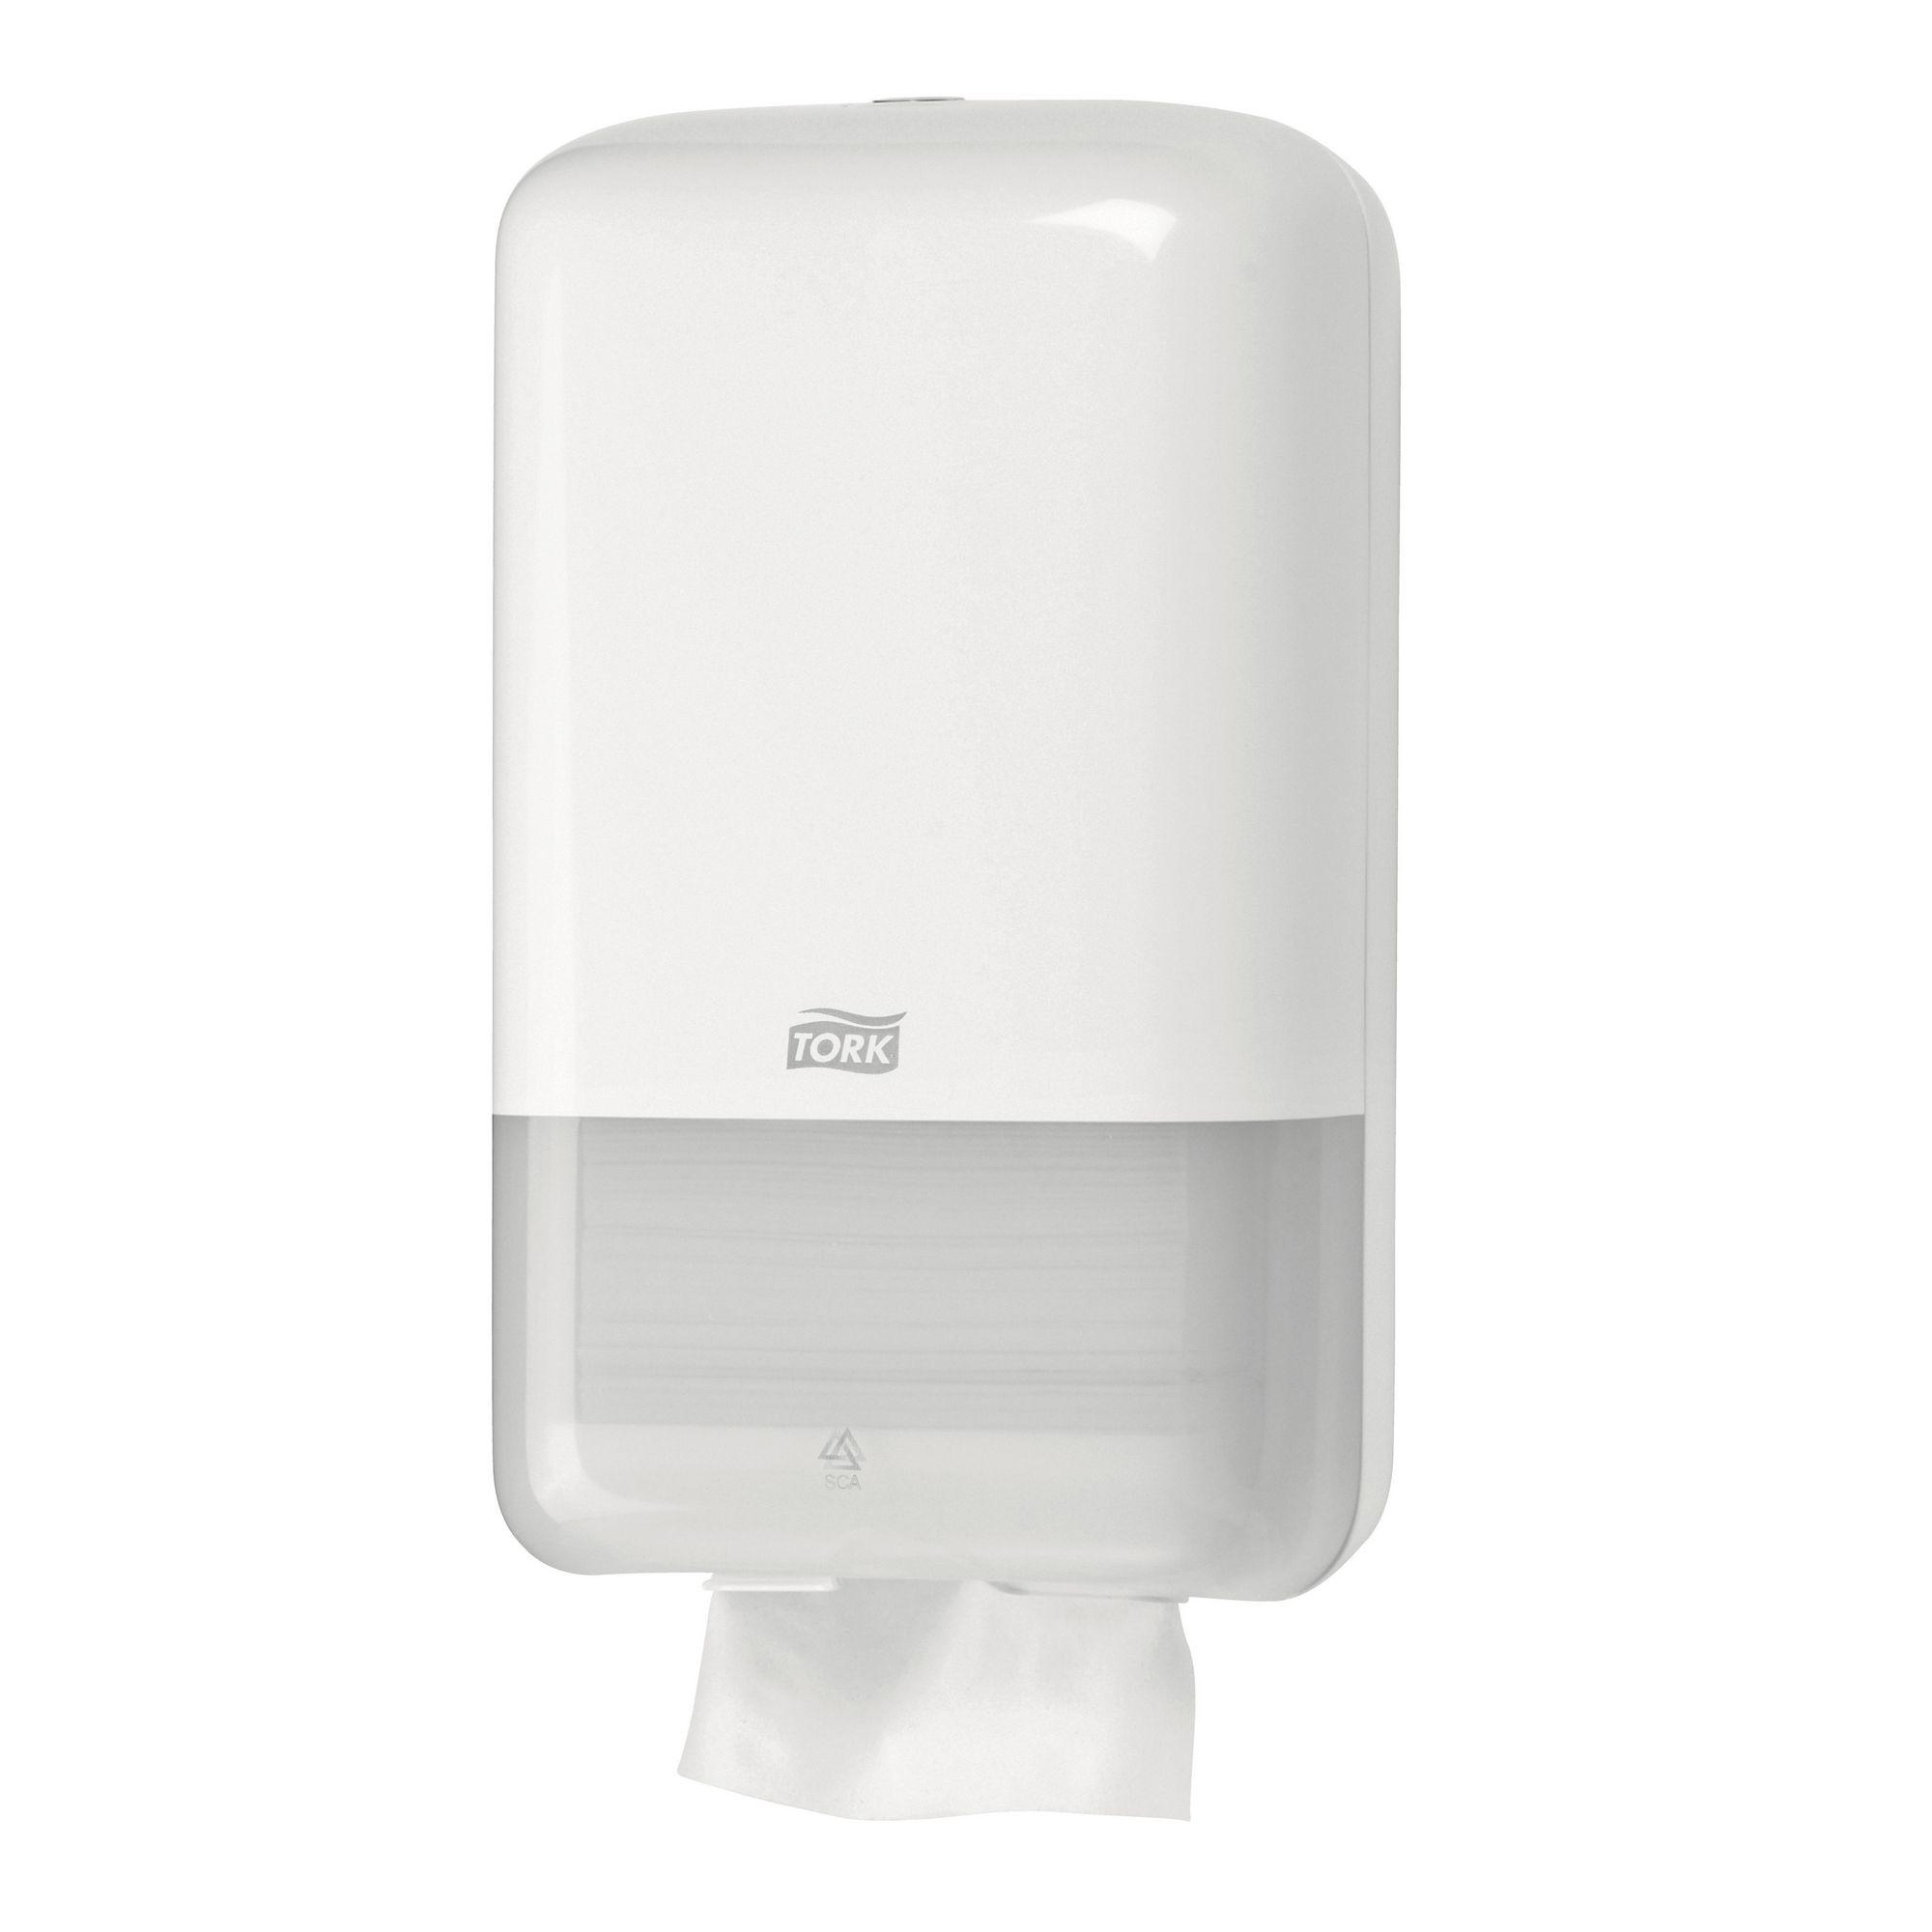 Tork Multifold Toilet Tissue Dispenser